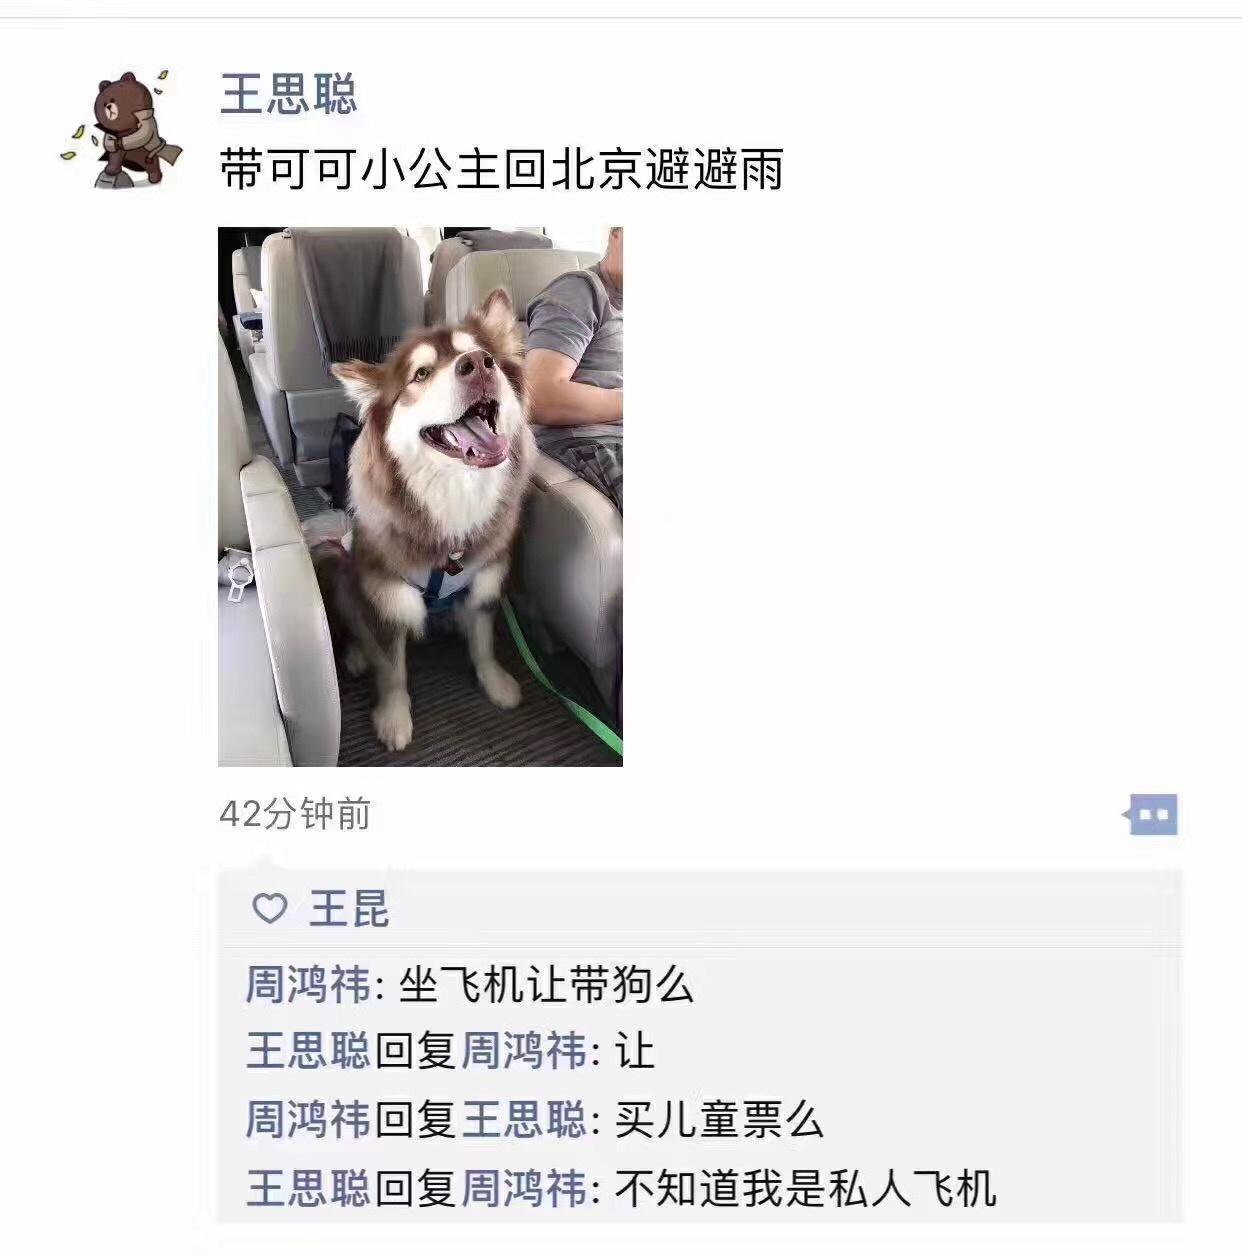 前两天,这条狗才因为坐私人飞机回京避雨刷了一波热搜